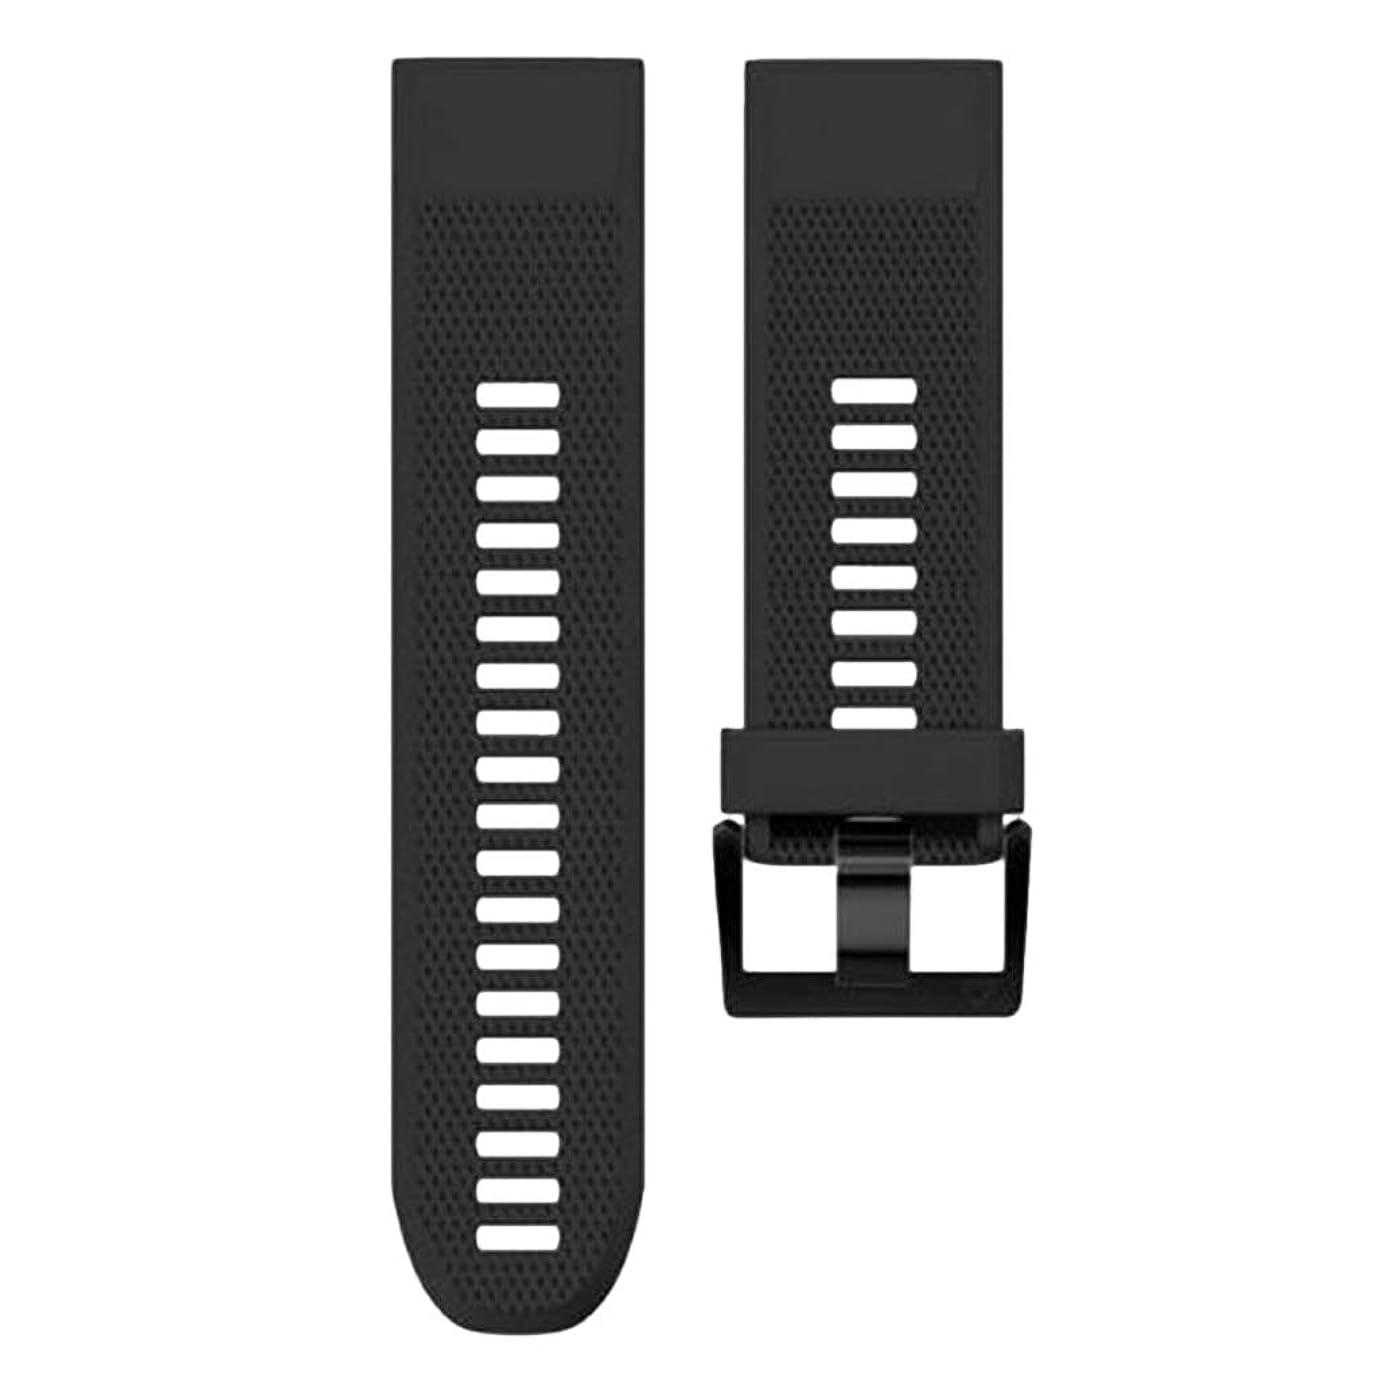 シェルター来て愛するガーミンフェニックス5Sのファッション耐久性のある交換スポーツTPUスマートブレスレットリストバンドストラップベルト